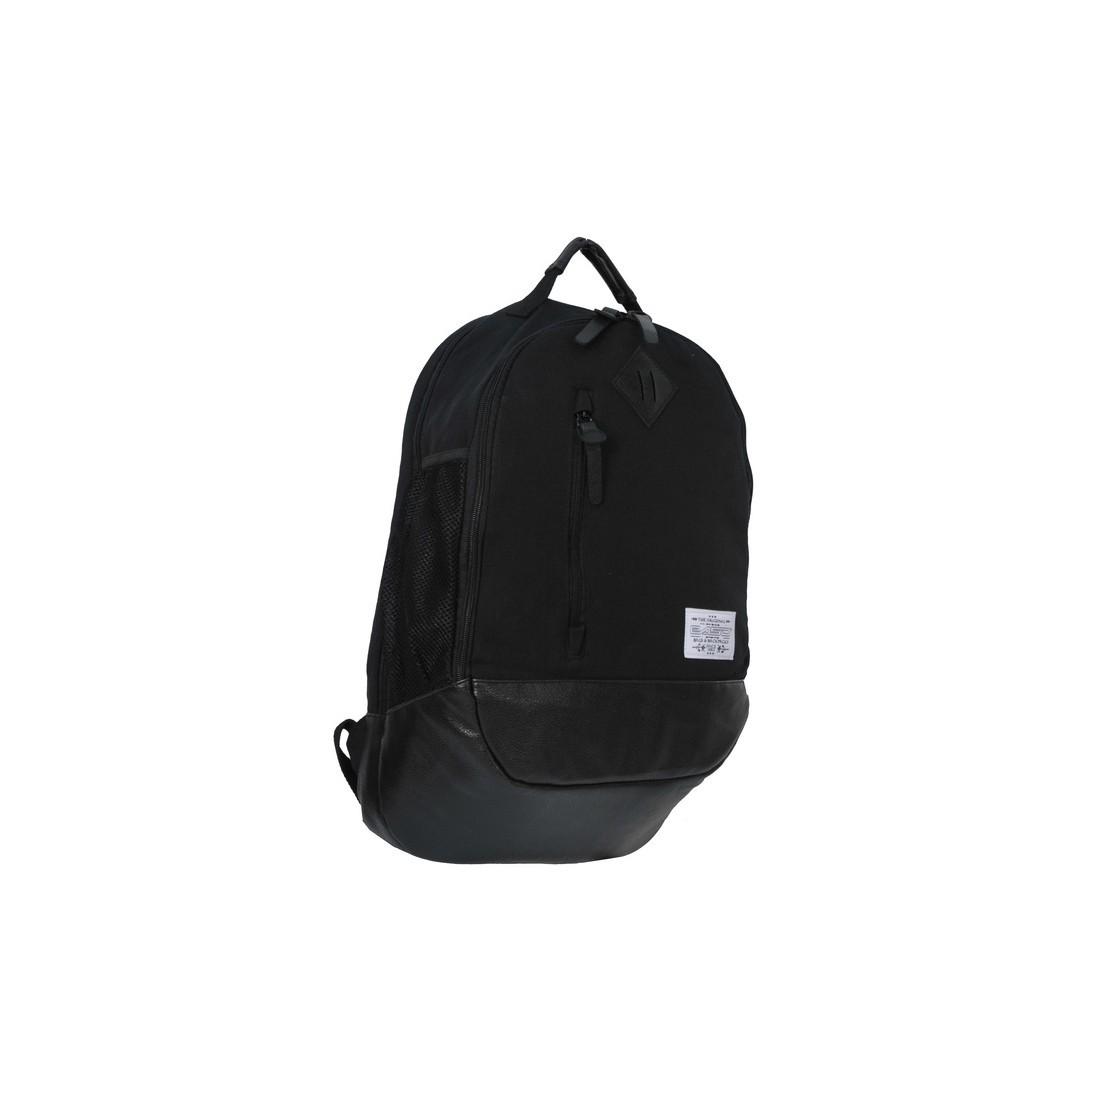 Plecak Młodzieżowy Vintage Czarny - plecak-tornister.pl